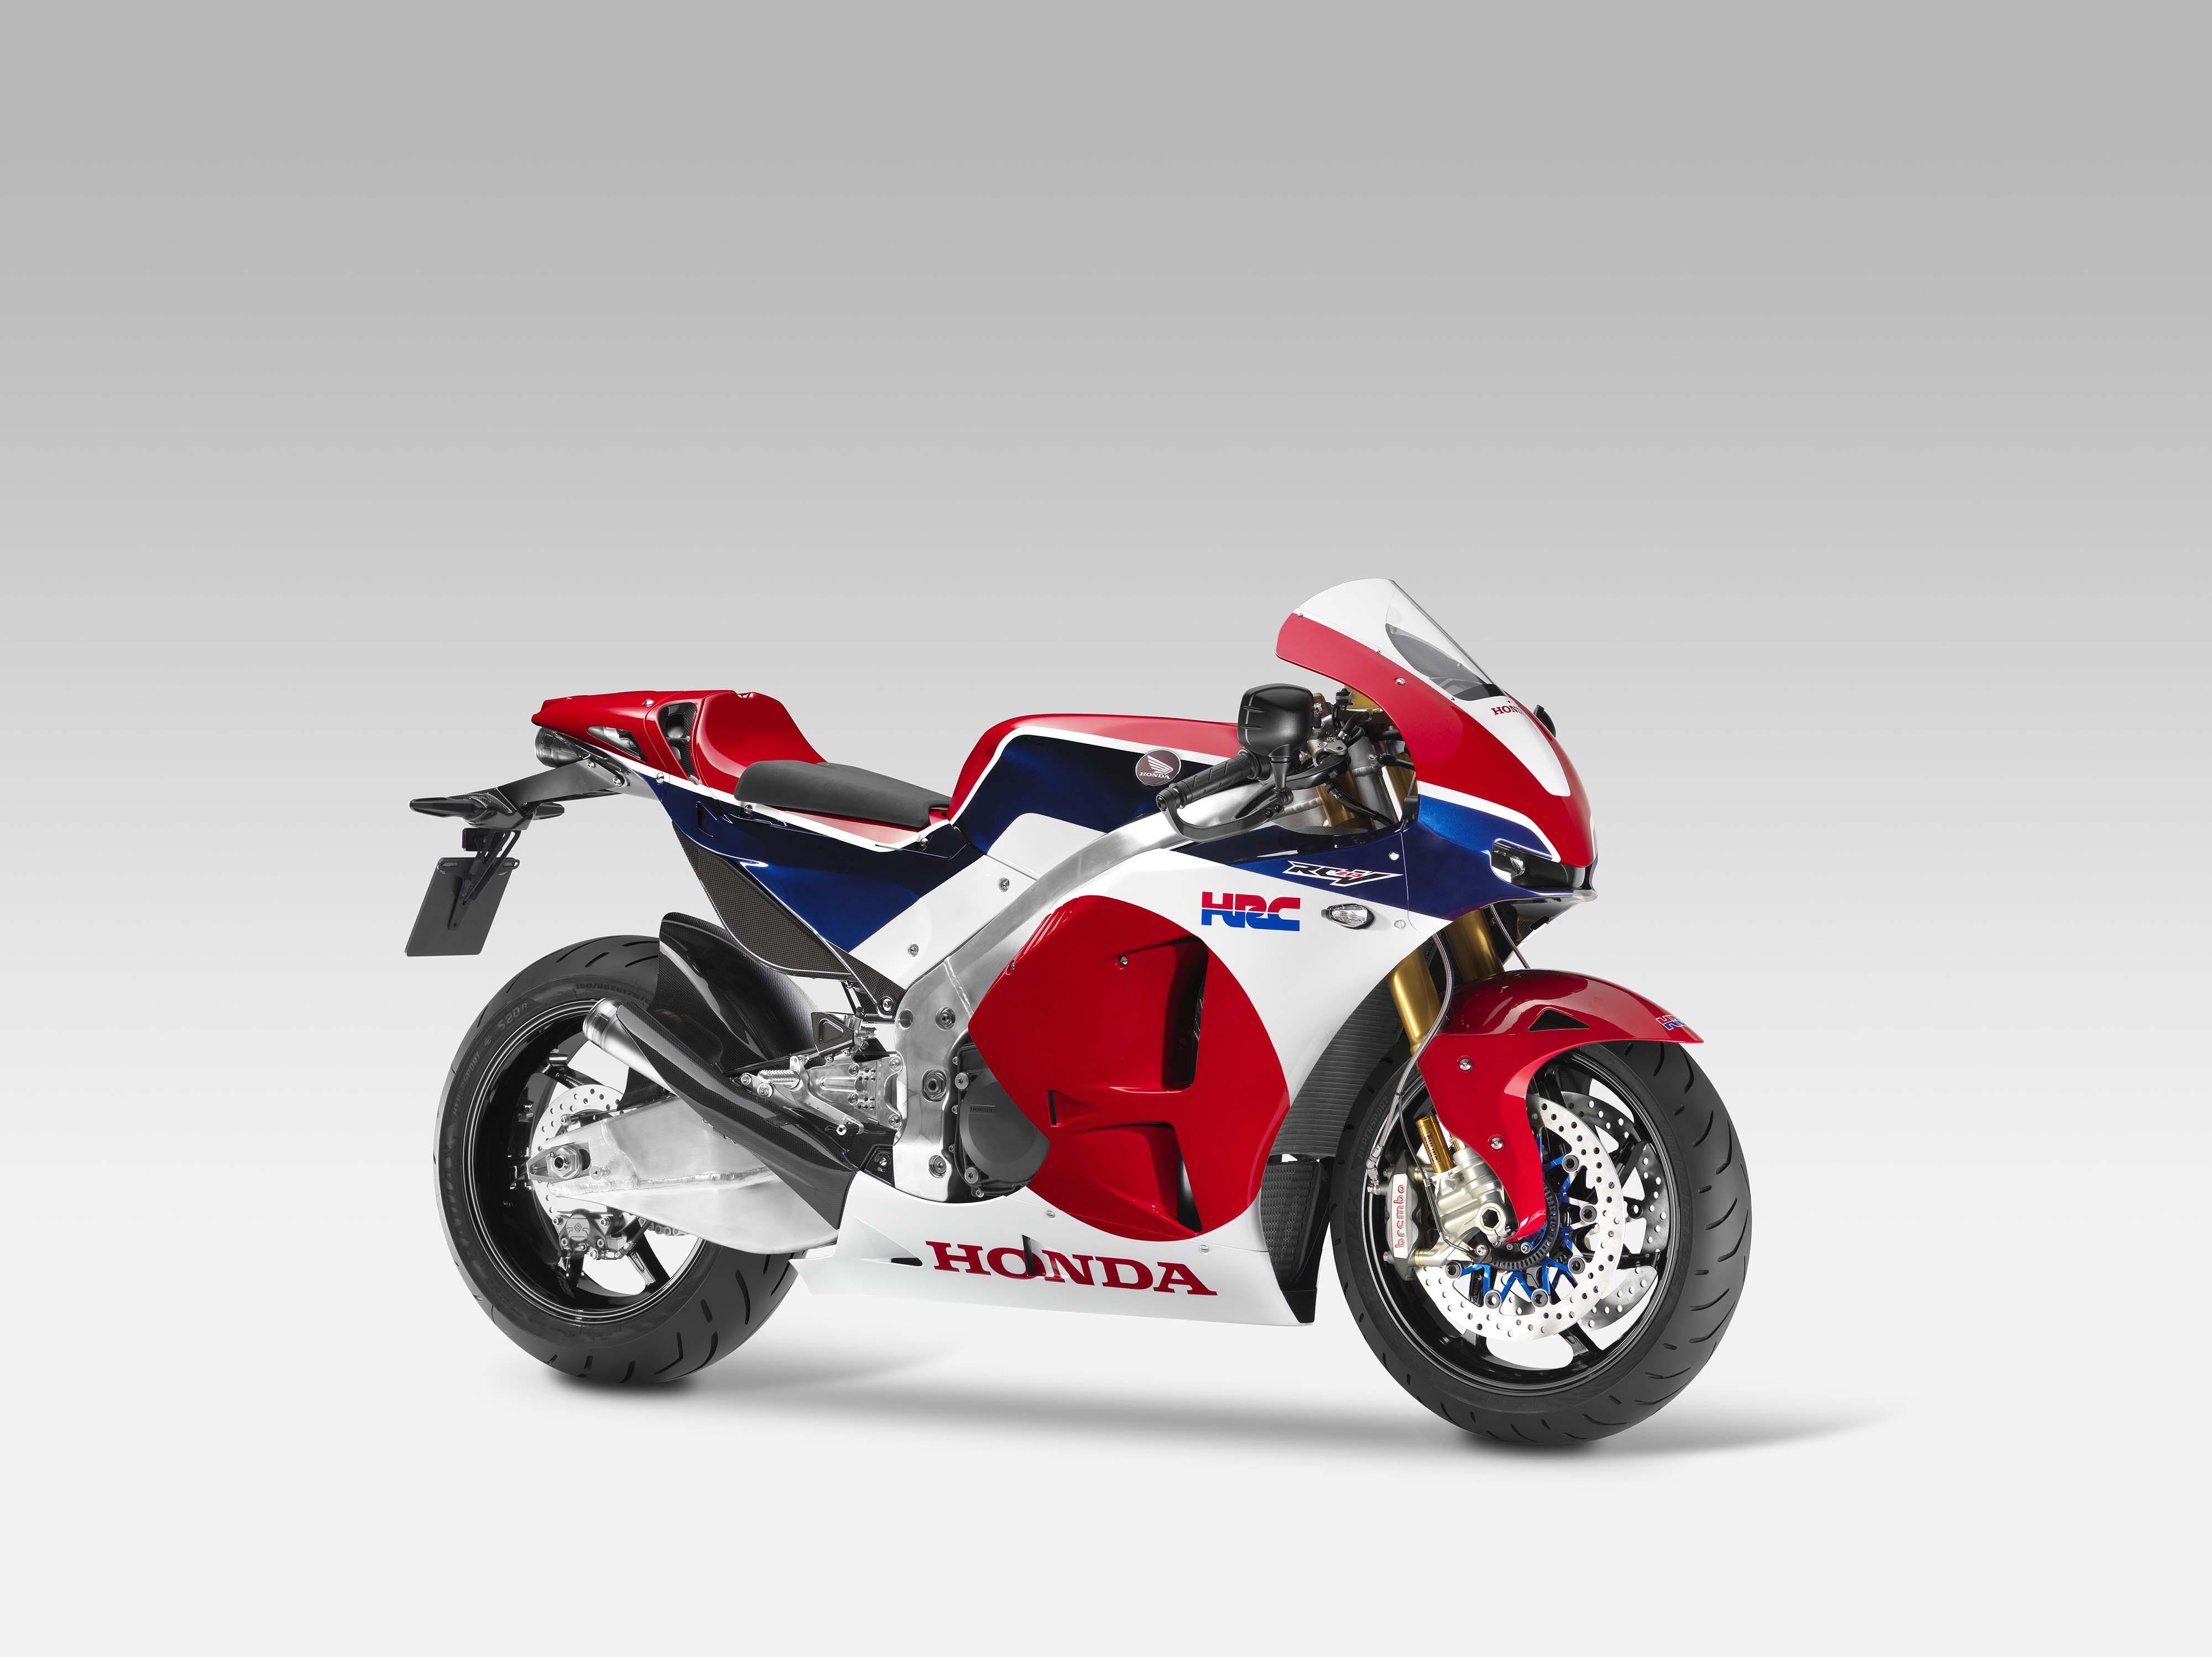 EICMA 2015-Honda-RC213V-S-prototype-01